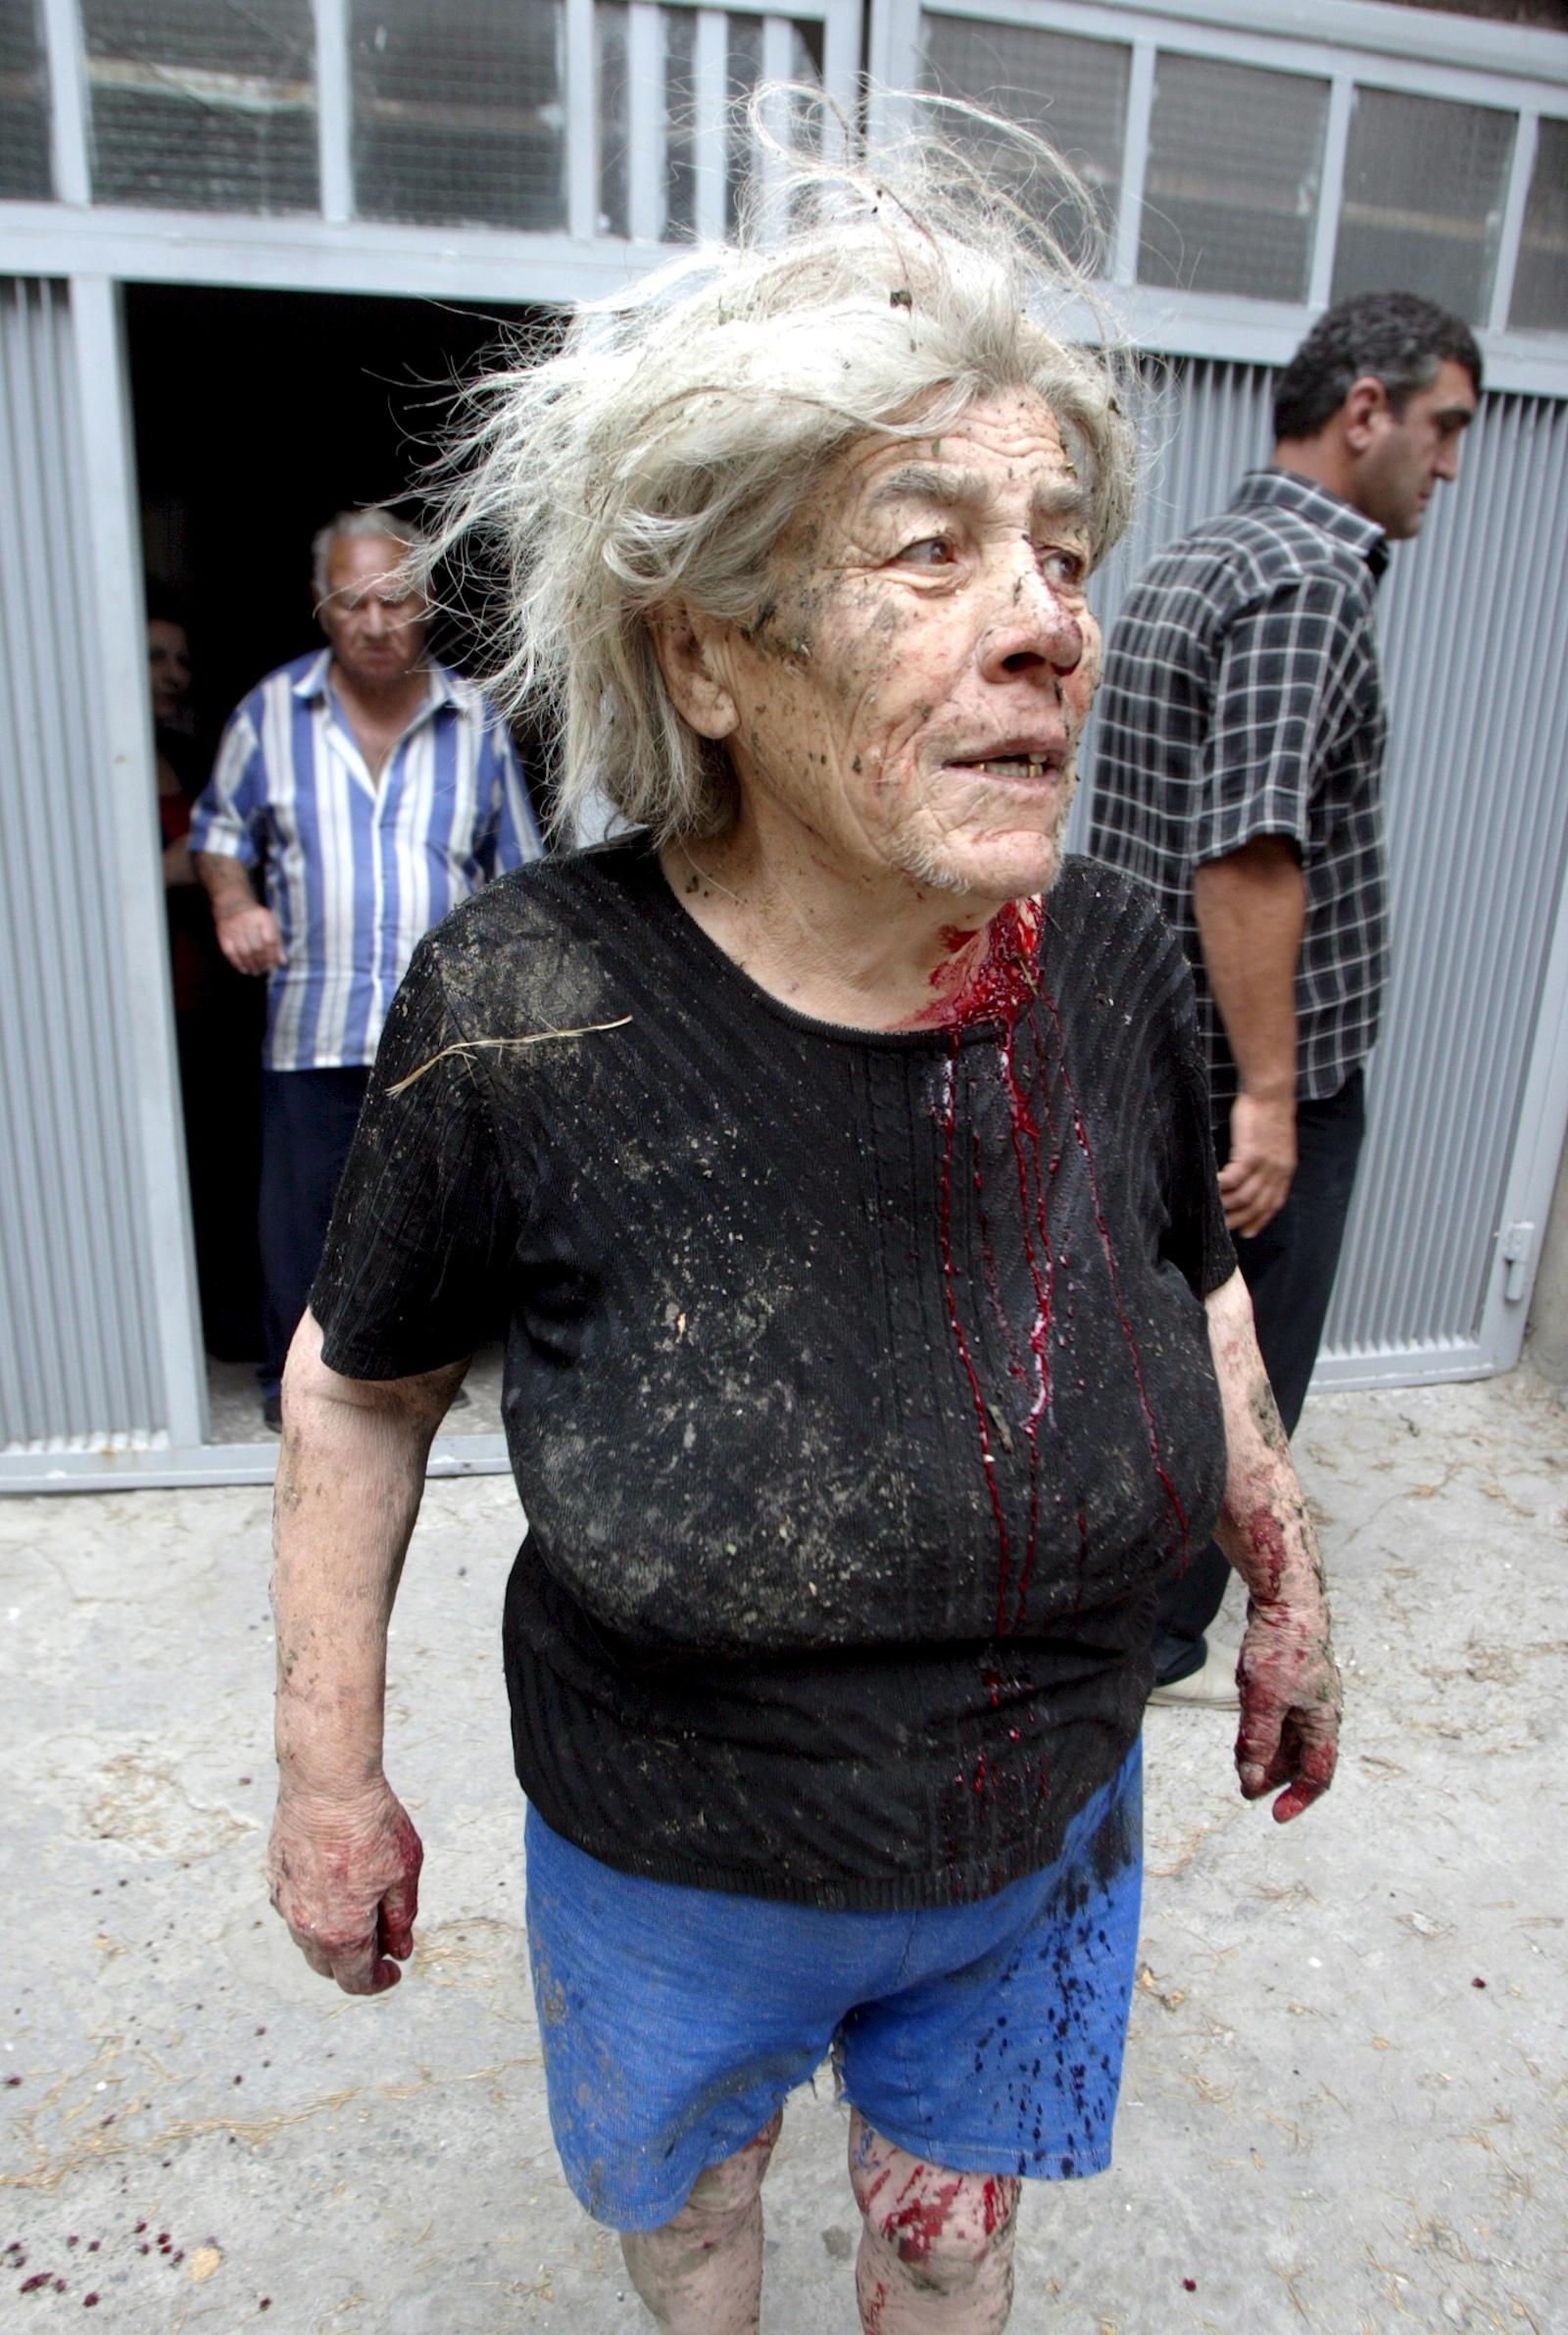 გორის დაბომბვის შედეგად დაჭრილი ქალი © EPA/ZURAB KURTSIKIDZE